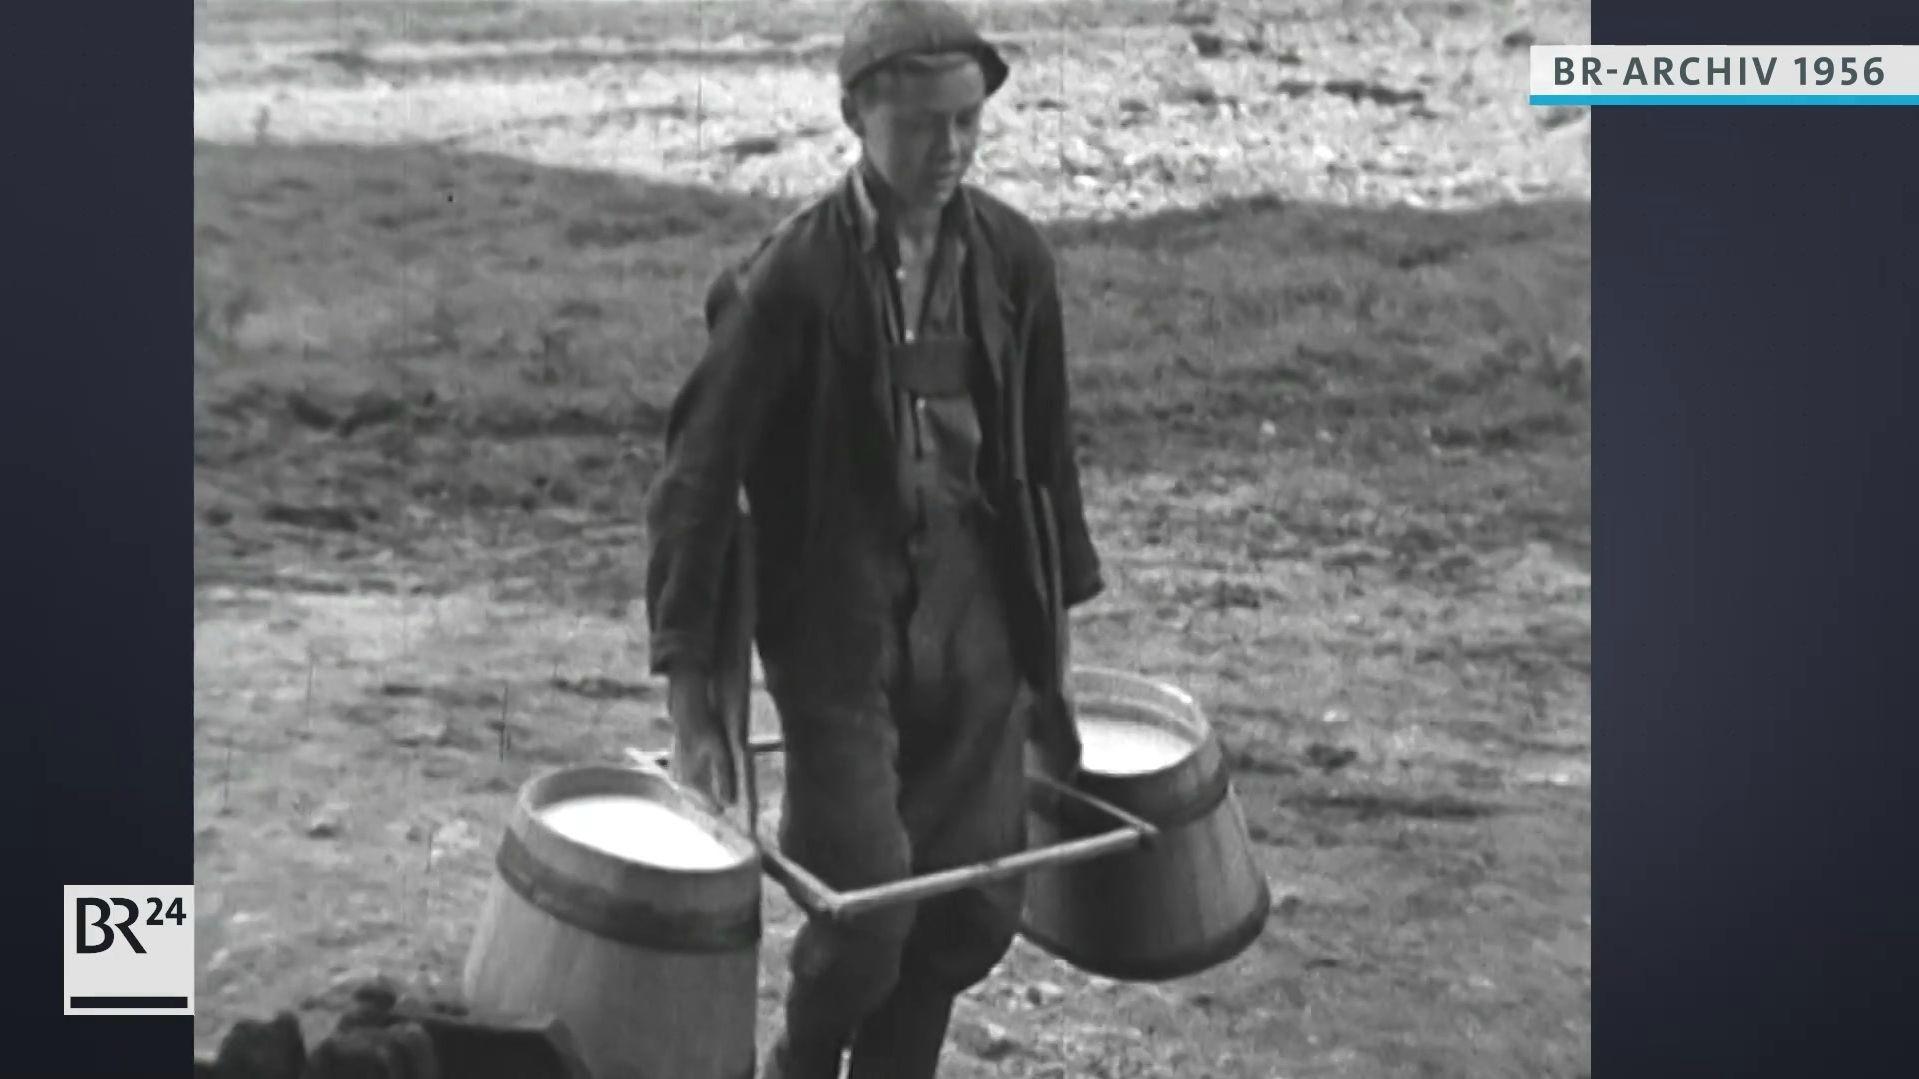 Junge beim Transportieren von frischer Milch mit einem Tragegestell